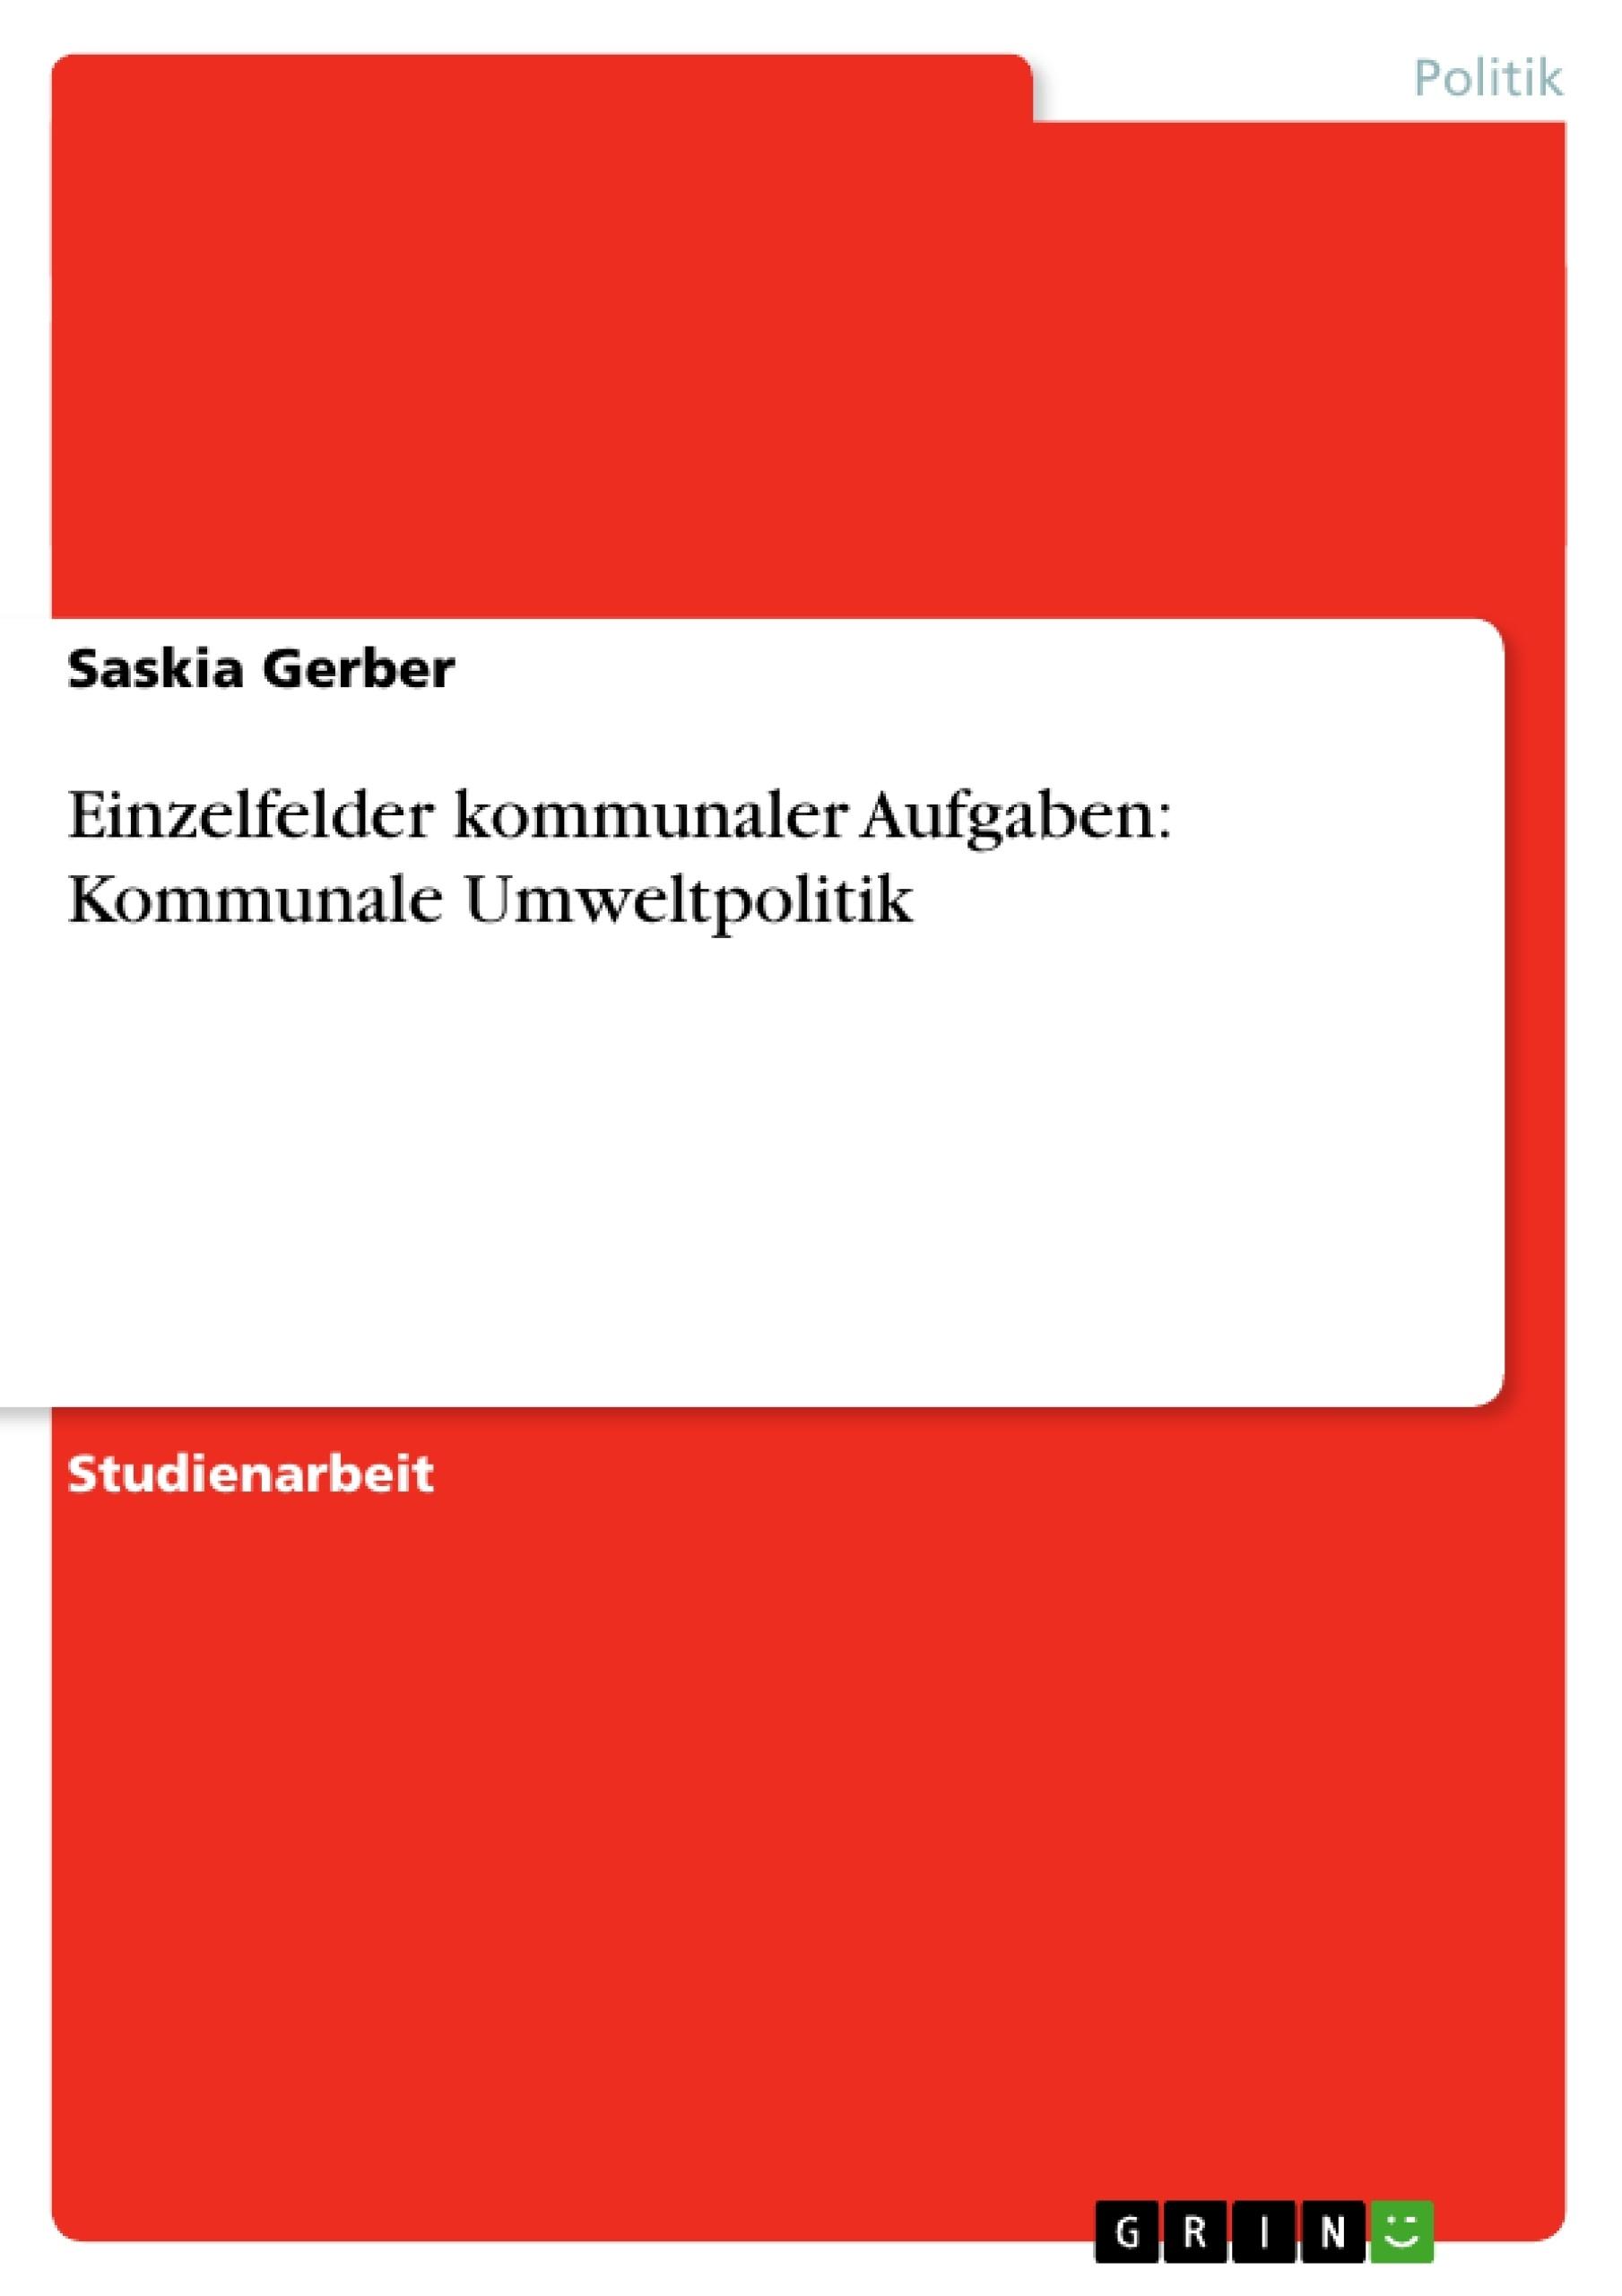 Titel: Einzelfelder kommunaler Aufgaben: Kommunale Umweltpolitik